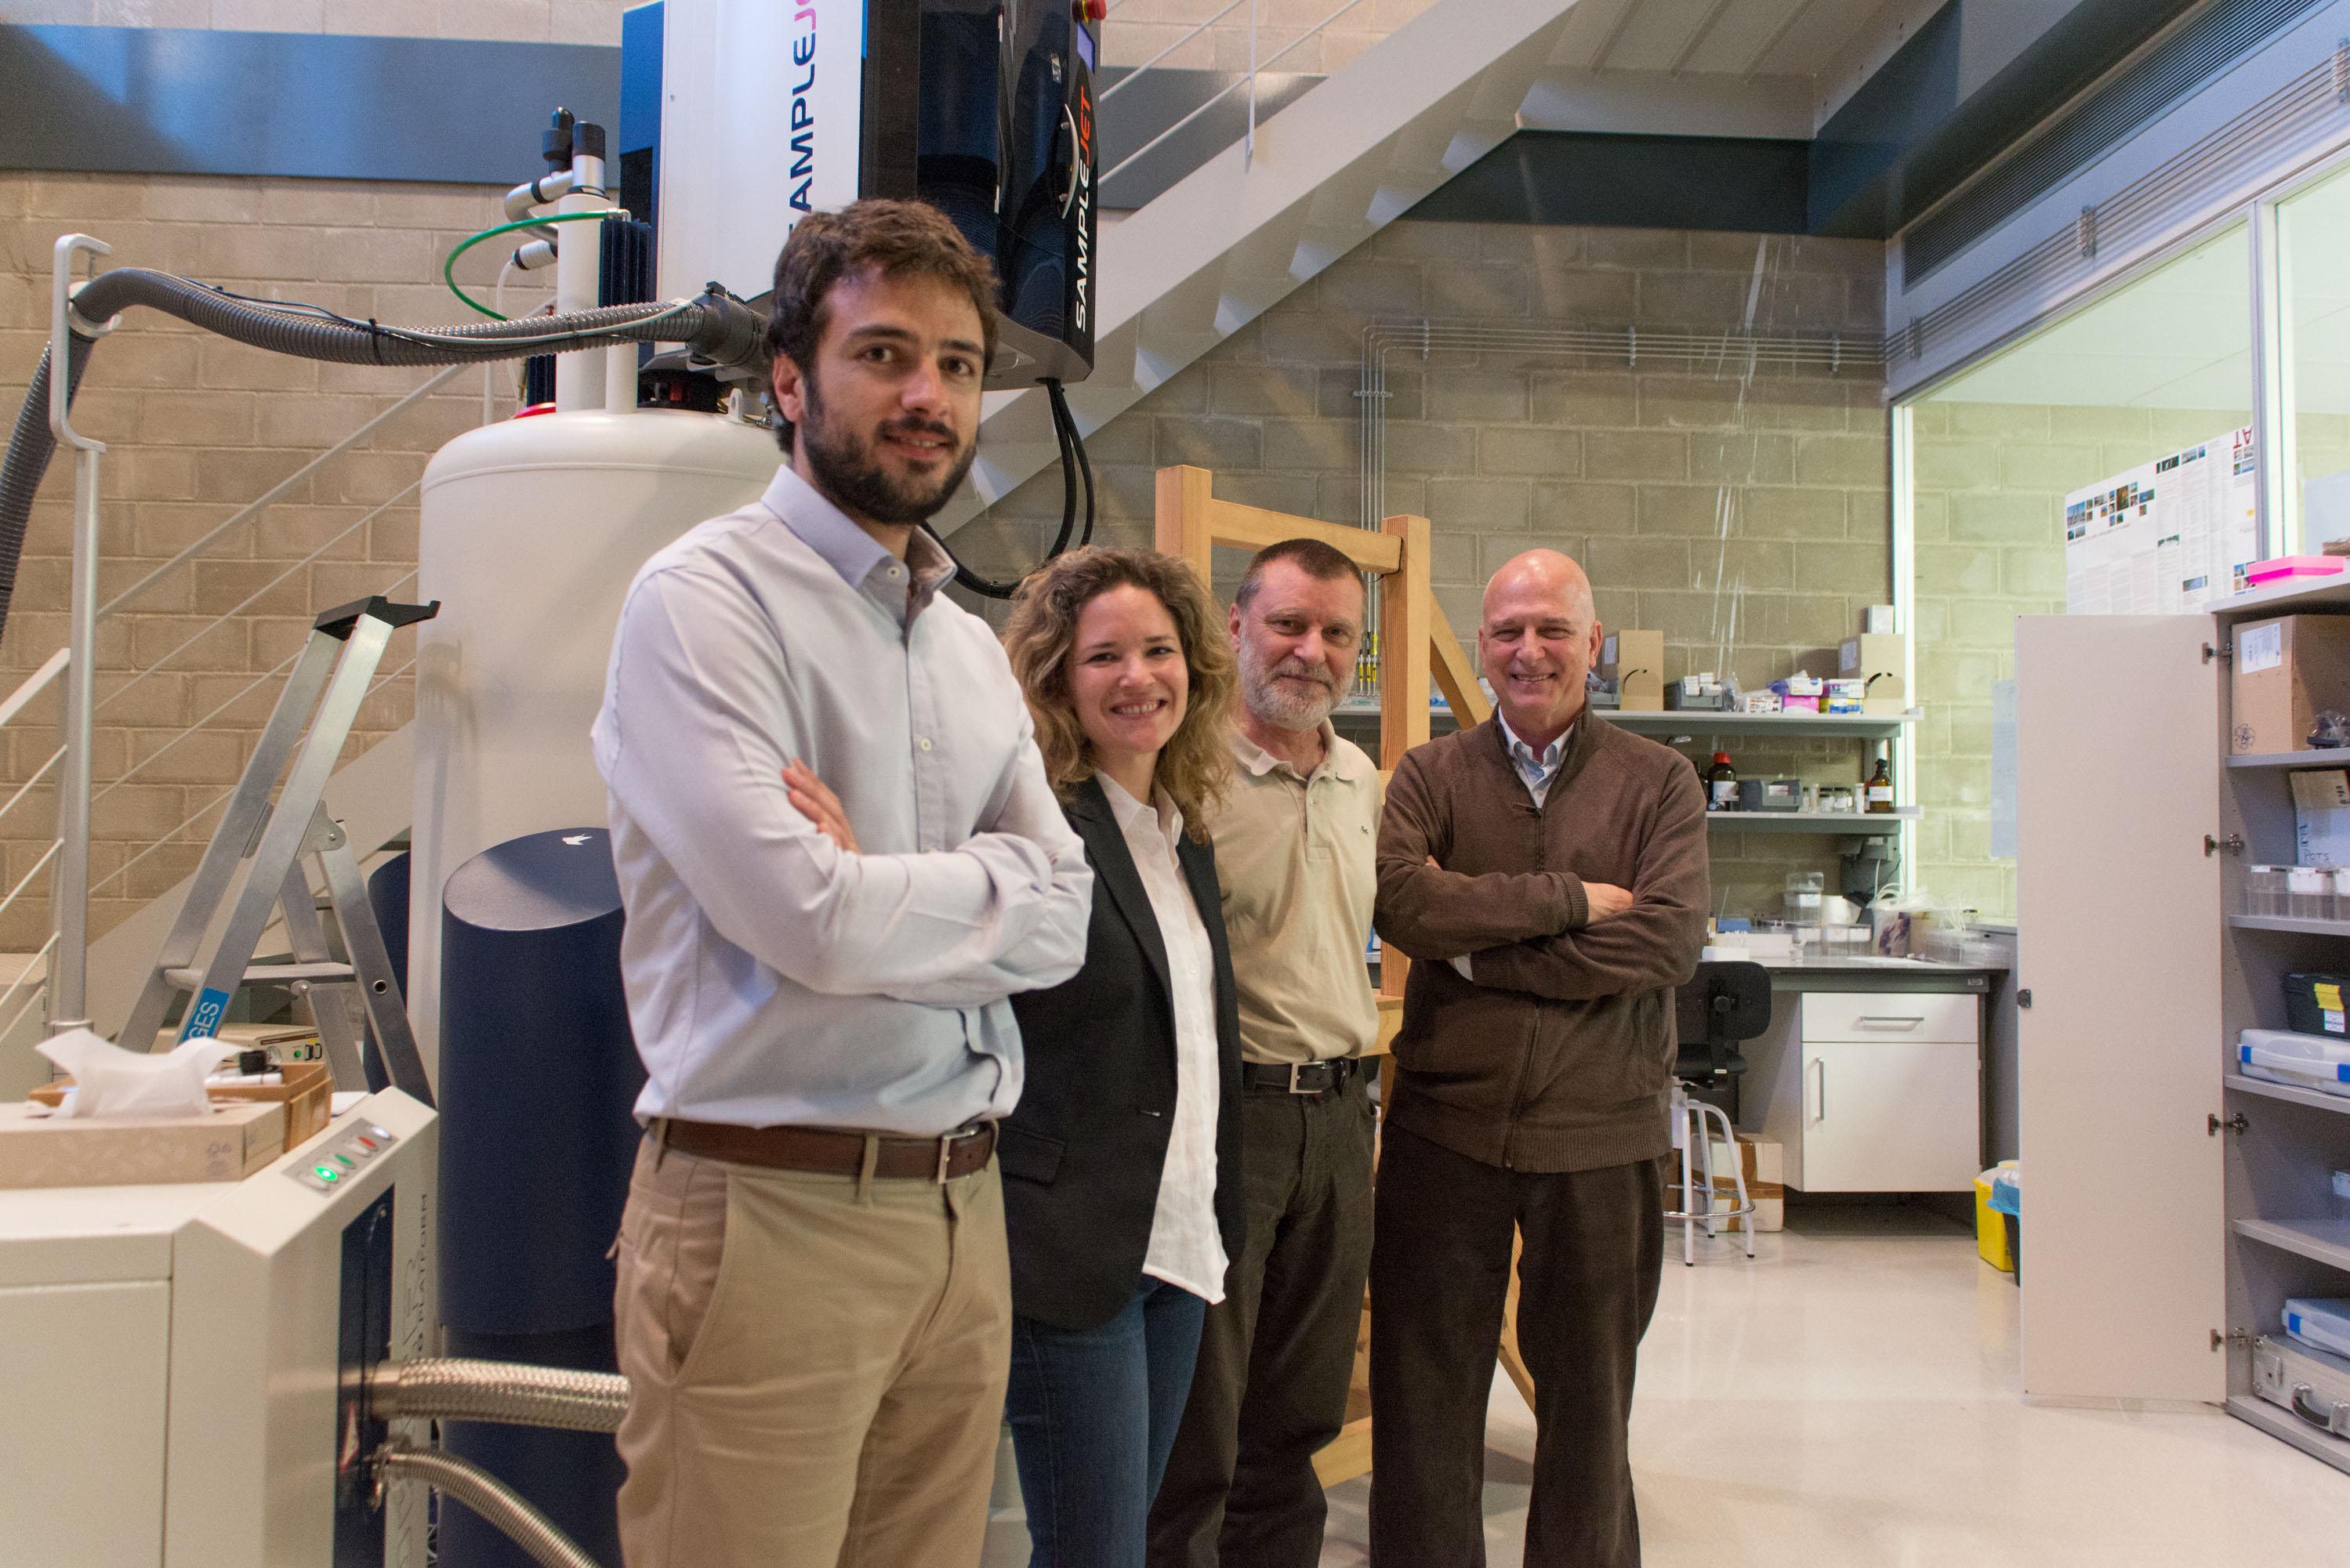 D'esquerra a dreta, els investigadors Roger Mallol, Núria Amigó, Xavier Correig i Lluís Masana.